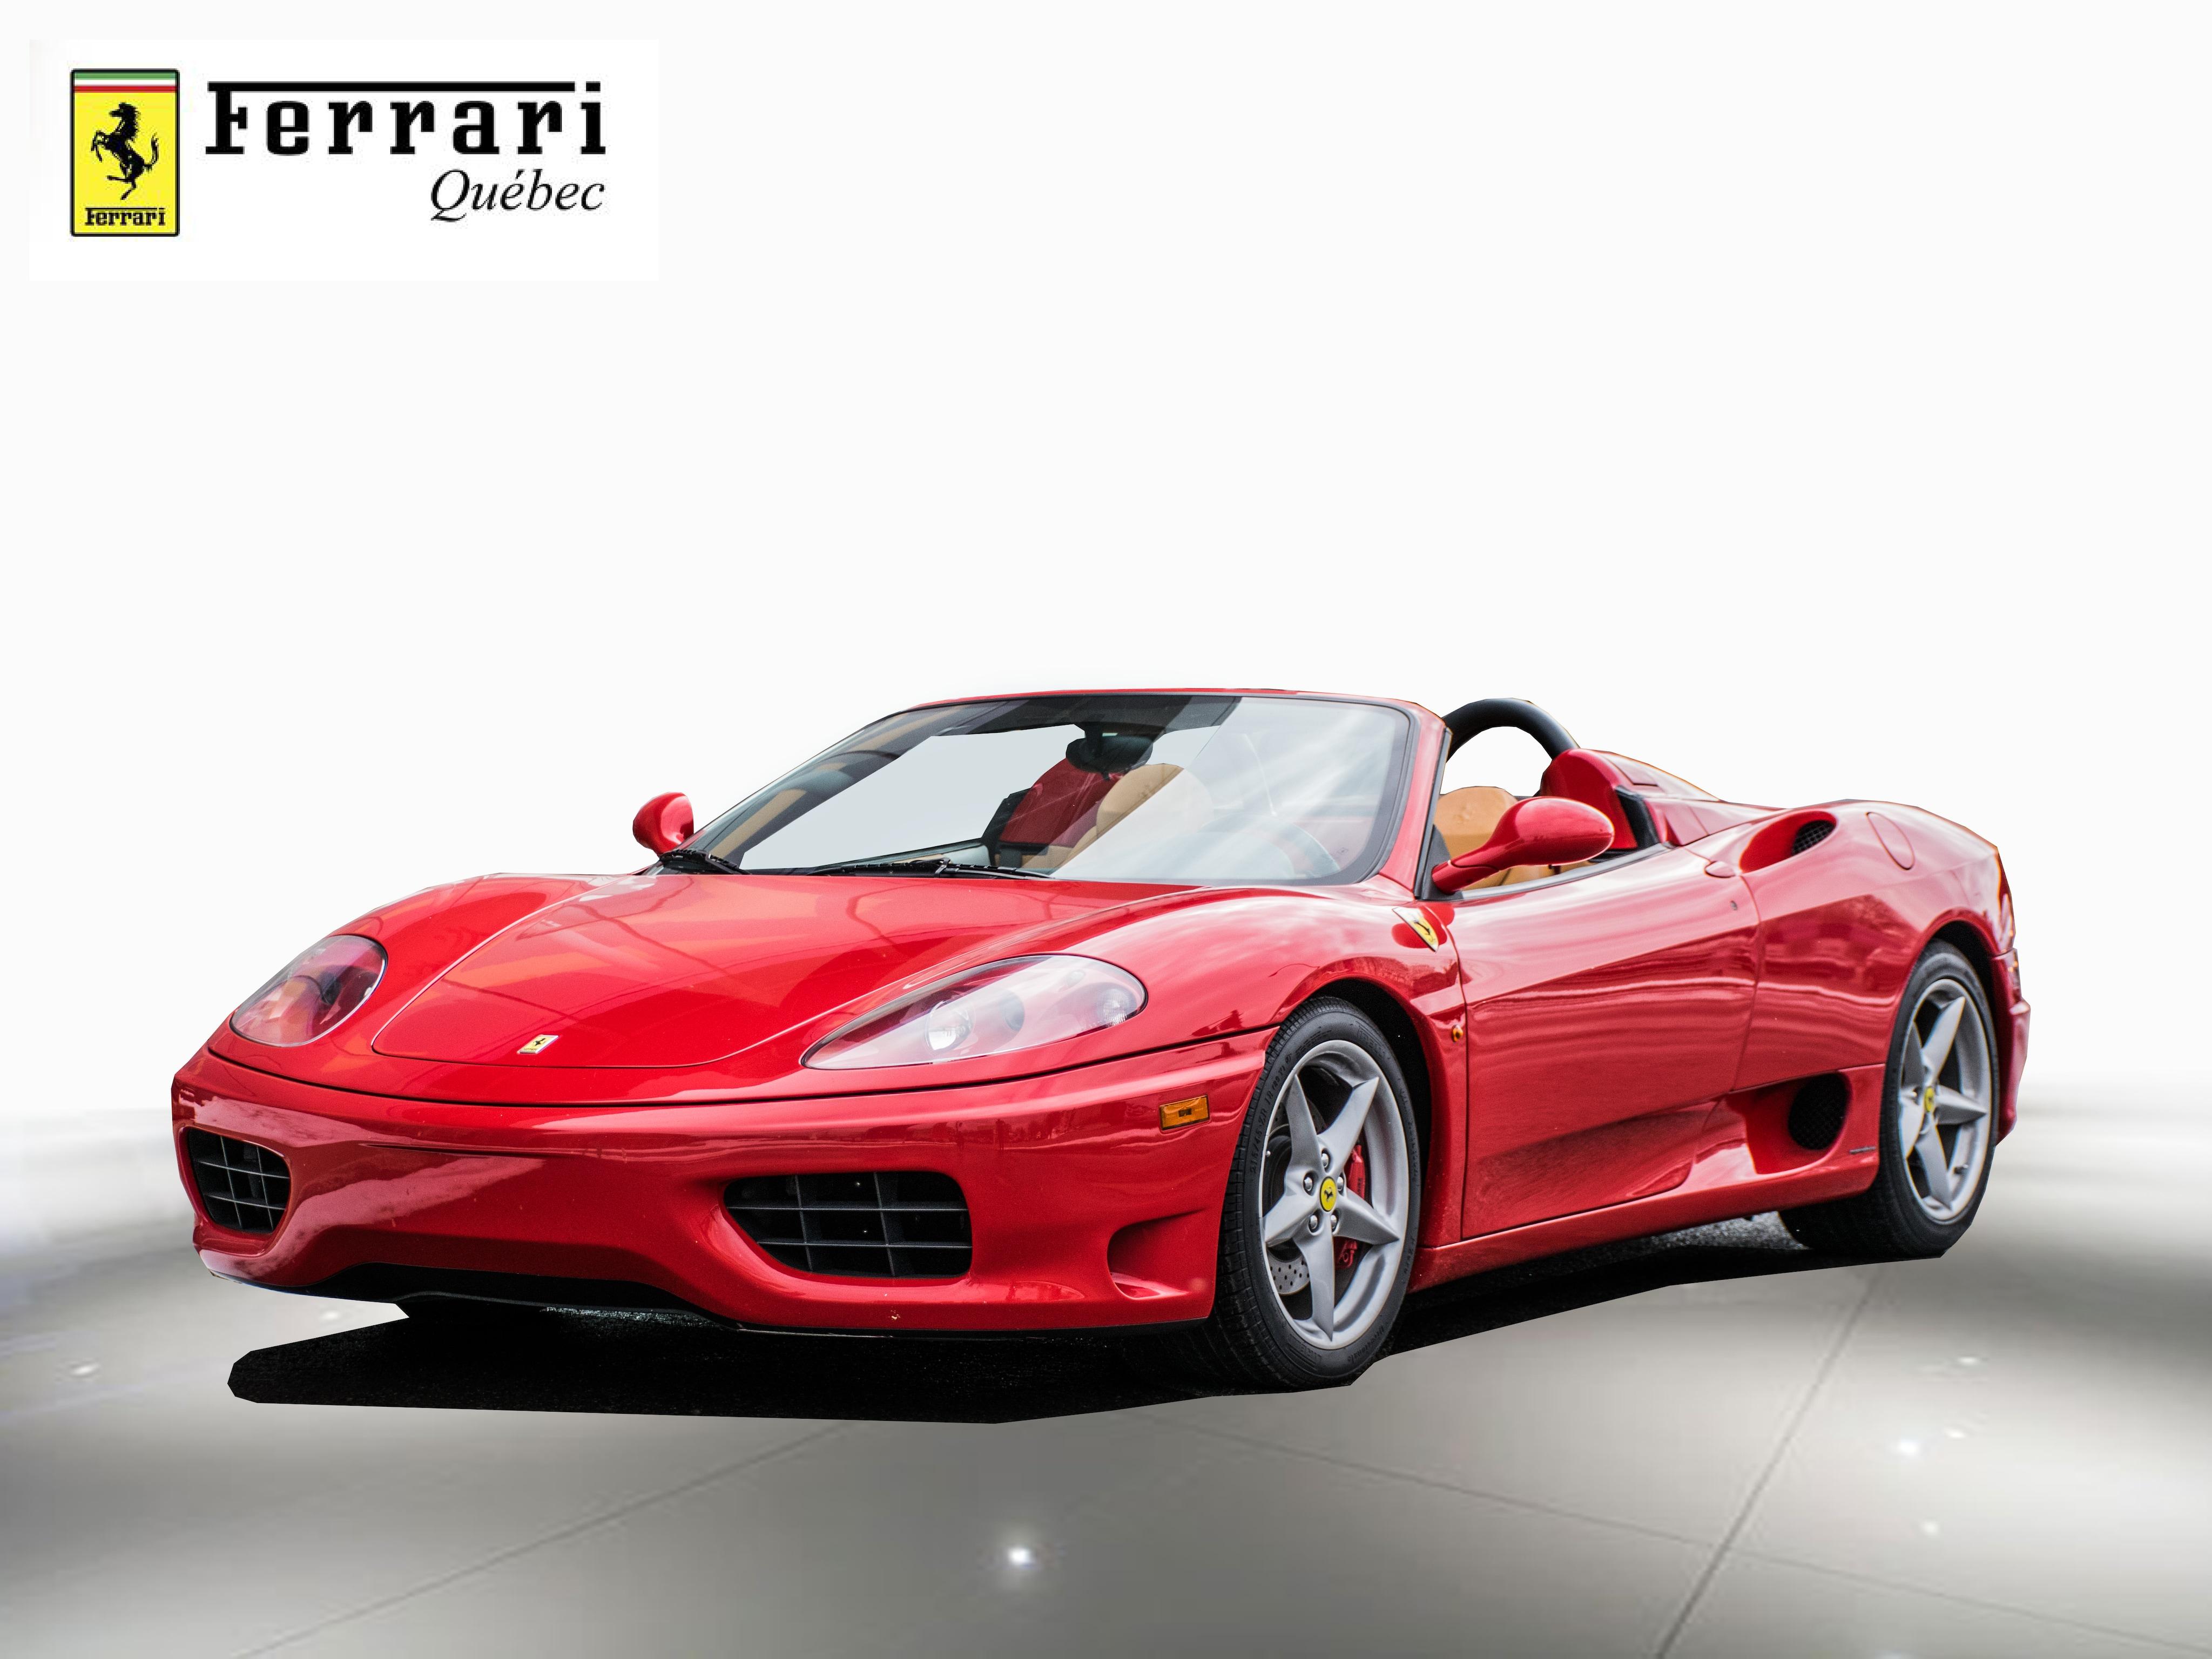 2001 Ferrari 360 Spider F1 Décapotable ou cabriolet